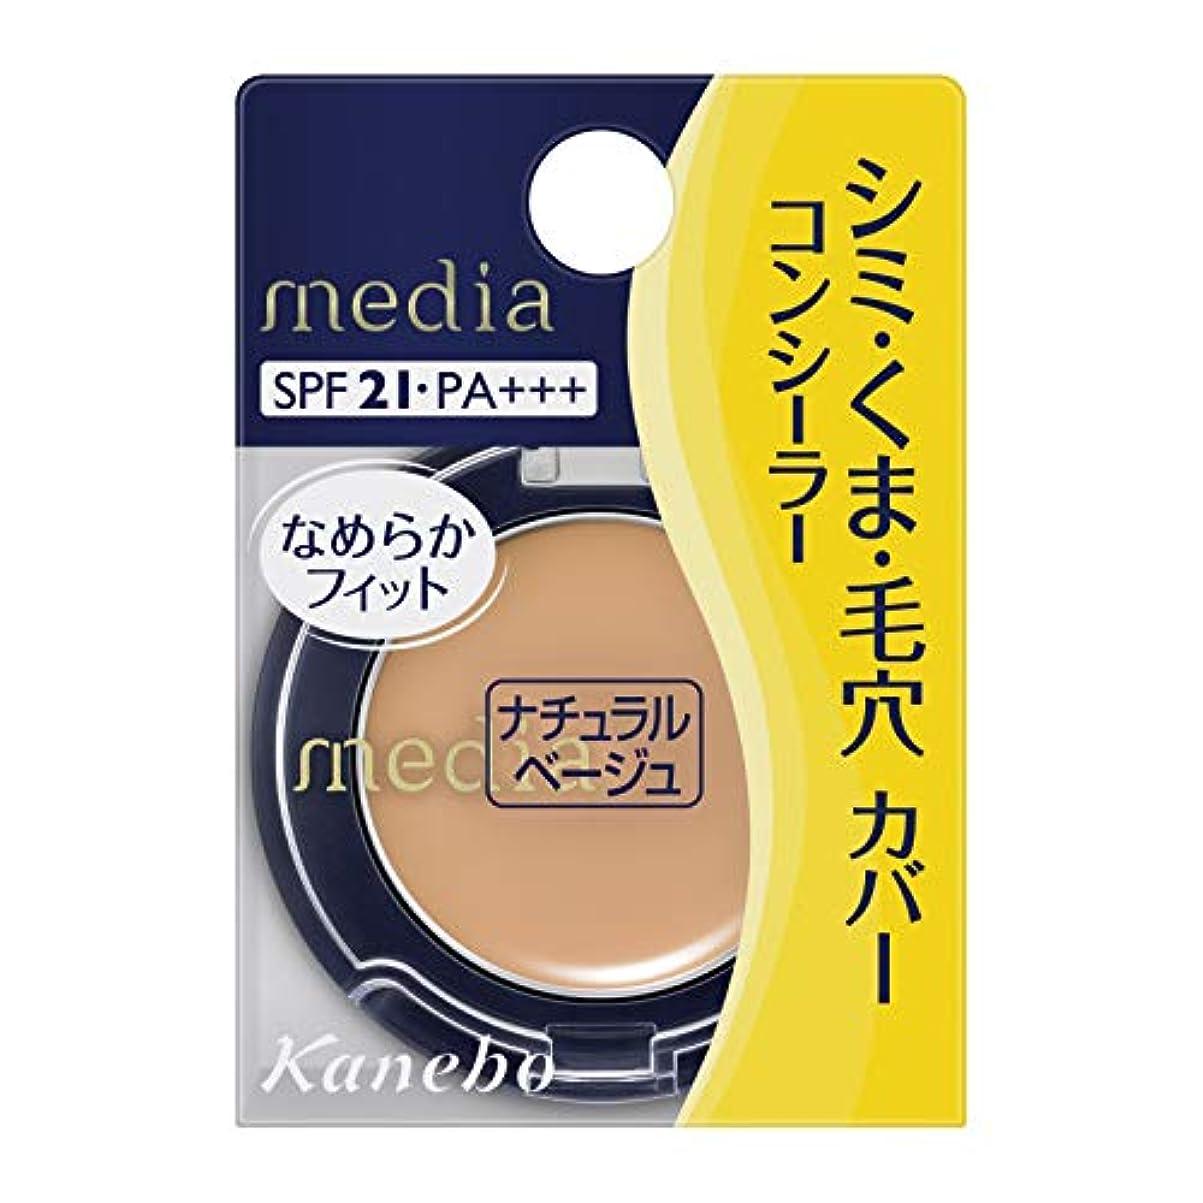 レキシコンバルセロナ欠乏カネボウ化粧品 メディア コンシーラー S ナチュラルベージュ 1.7g